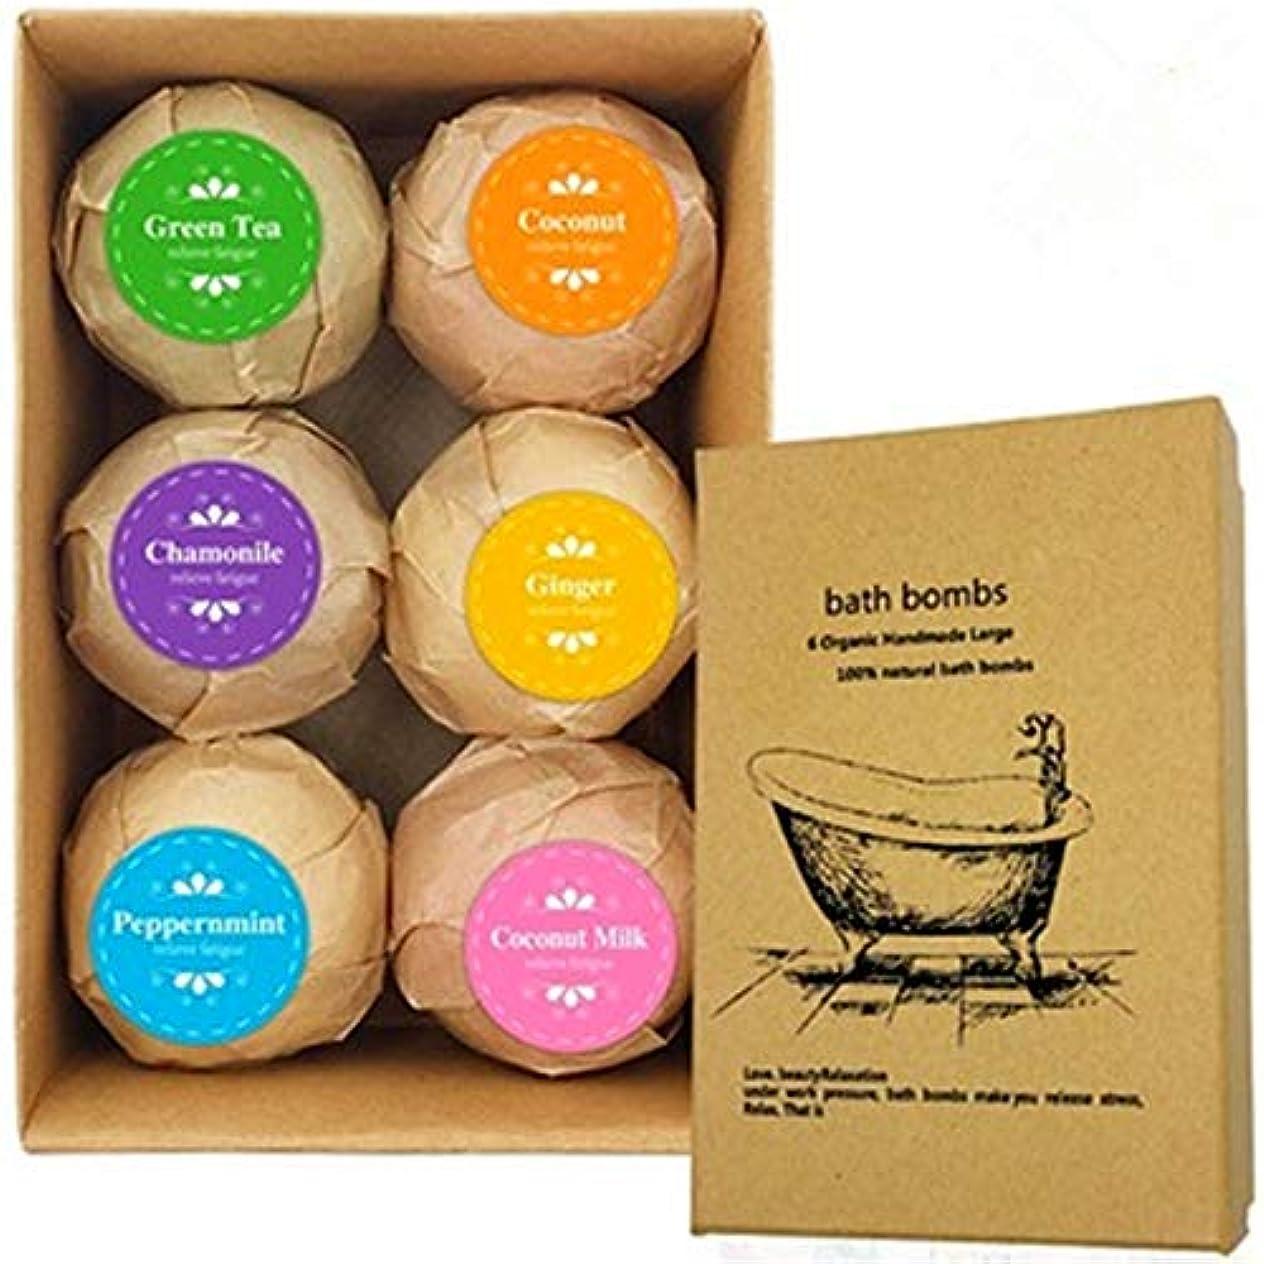 原始的なトランクラメバスボム 入浴剤 炭酸 バスボール 6つの香り 手作り 入浴料 うるおいプラス お風呂用 入浴剤 ギフトセット6枚 贈り物 プレゼント最適